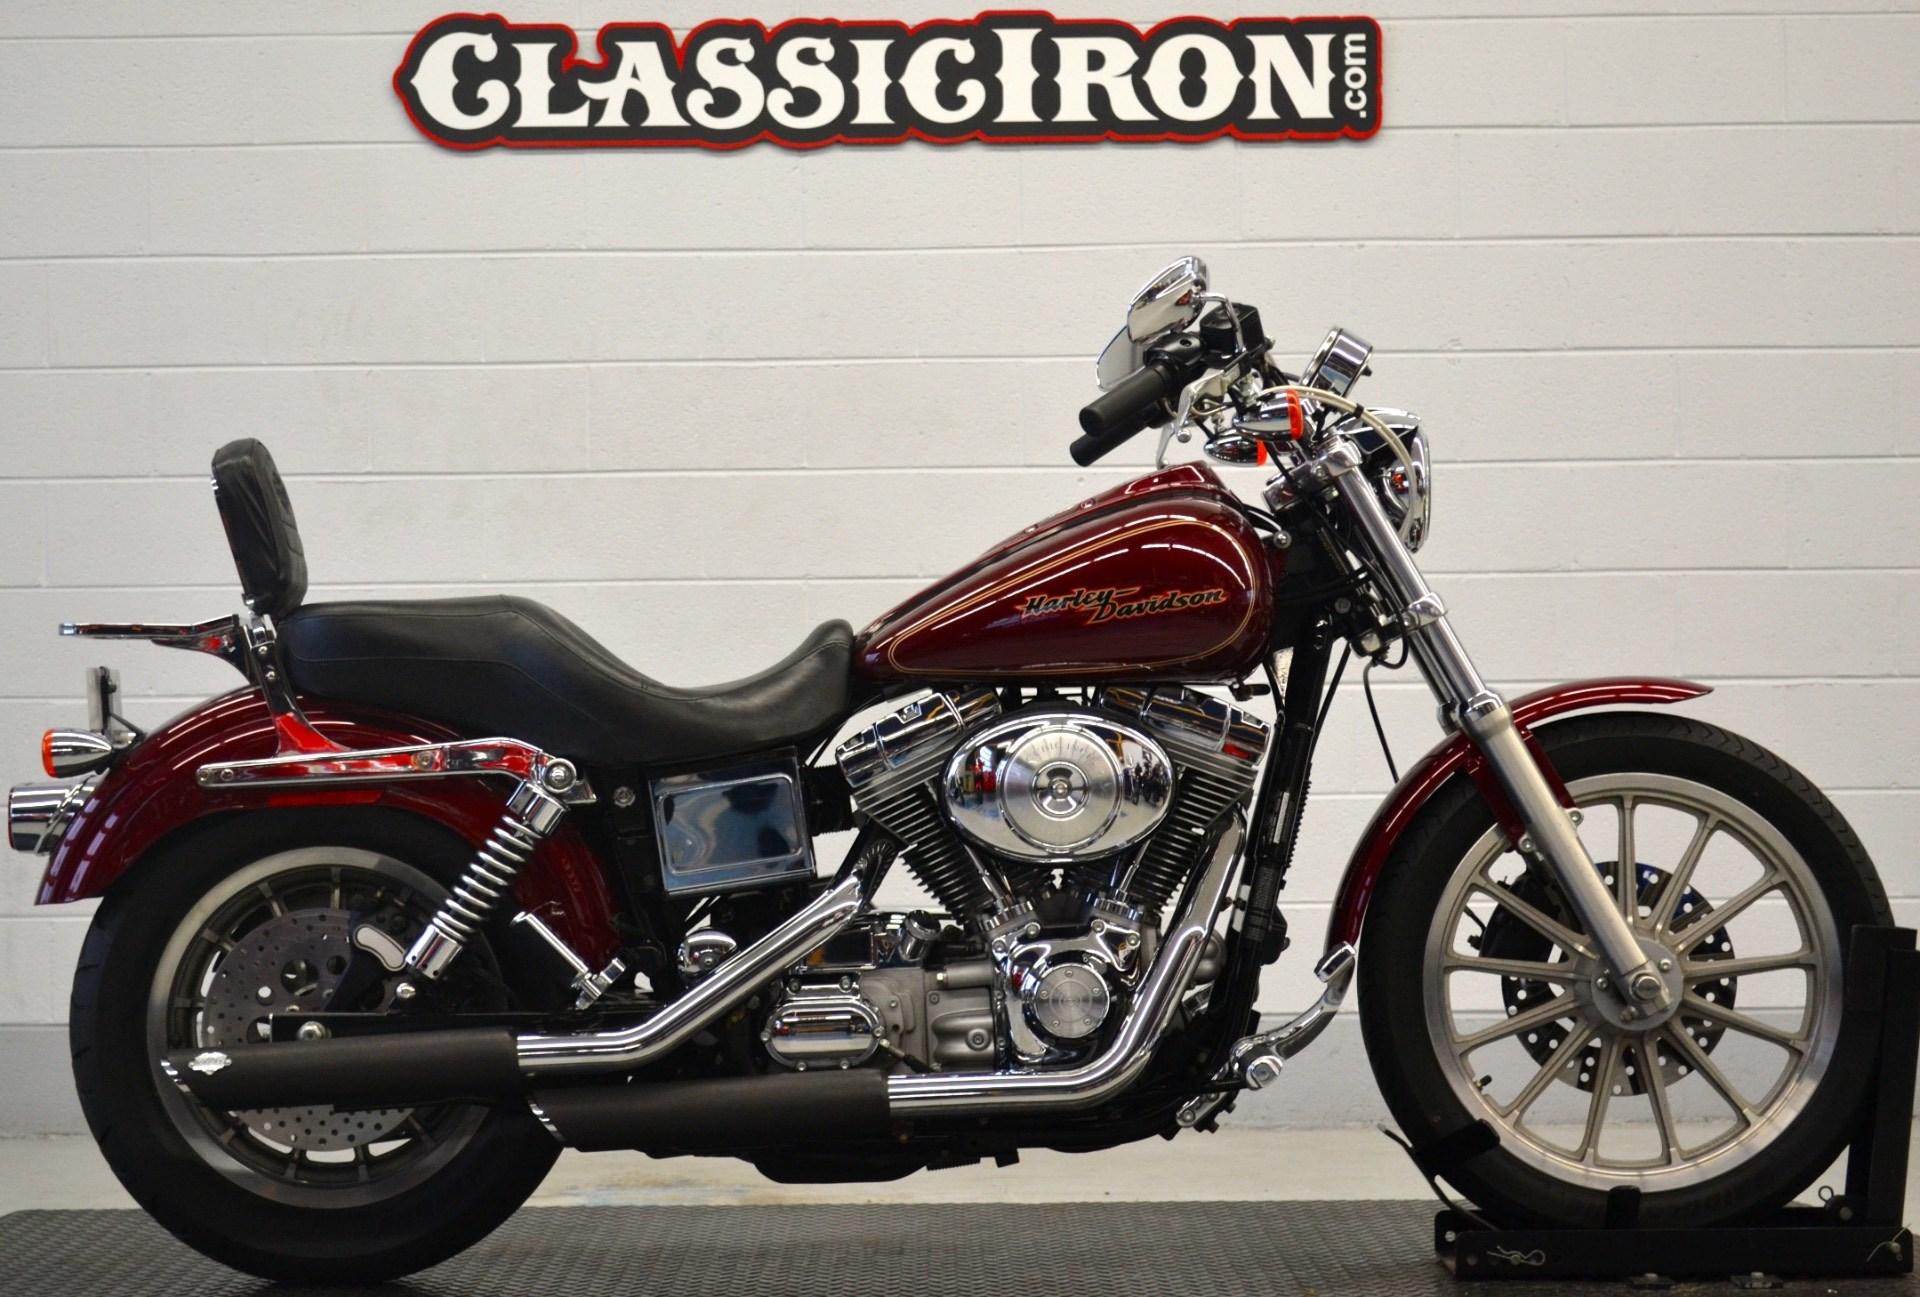 all new used harley davidson dyna super glide custom for sale 157 bikes page 1. Black Bedroom Furniture Sets. Home Design Ideas